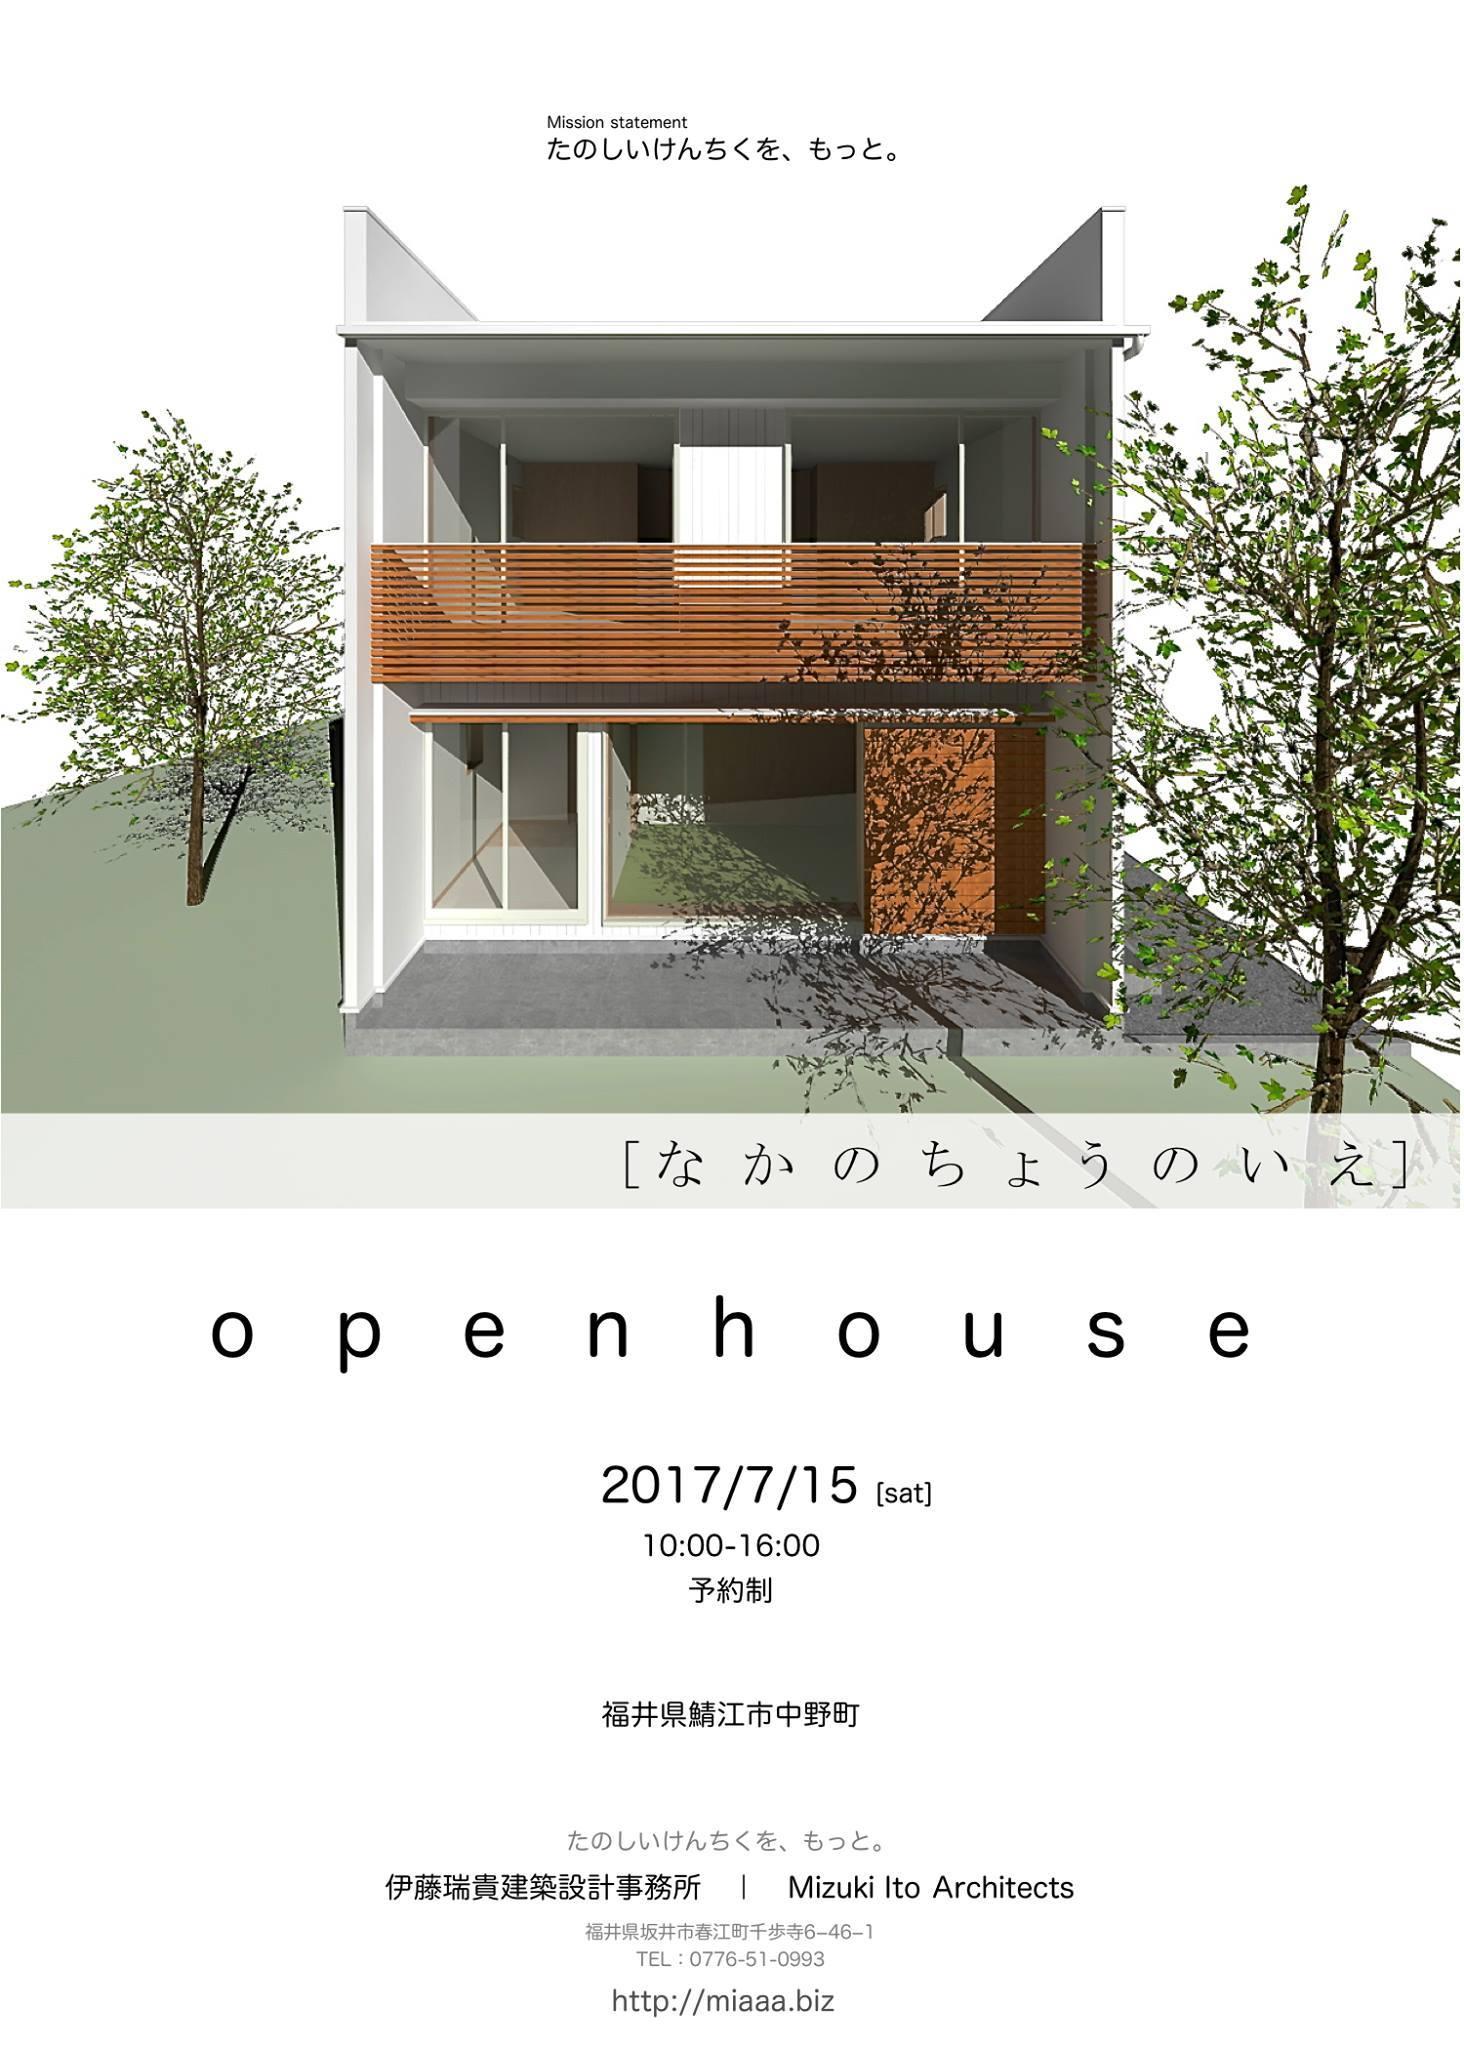 7/15(日土)福井県鯖江市中野町にてオープンハウス(建築内覧会)を開催致します。_f0165030_19053847.jpg